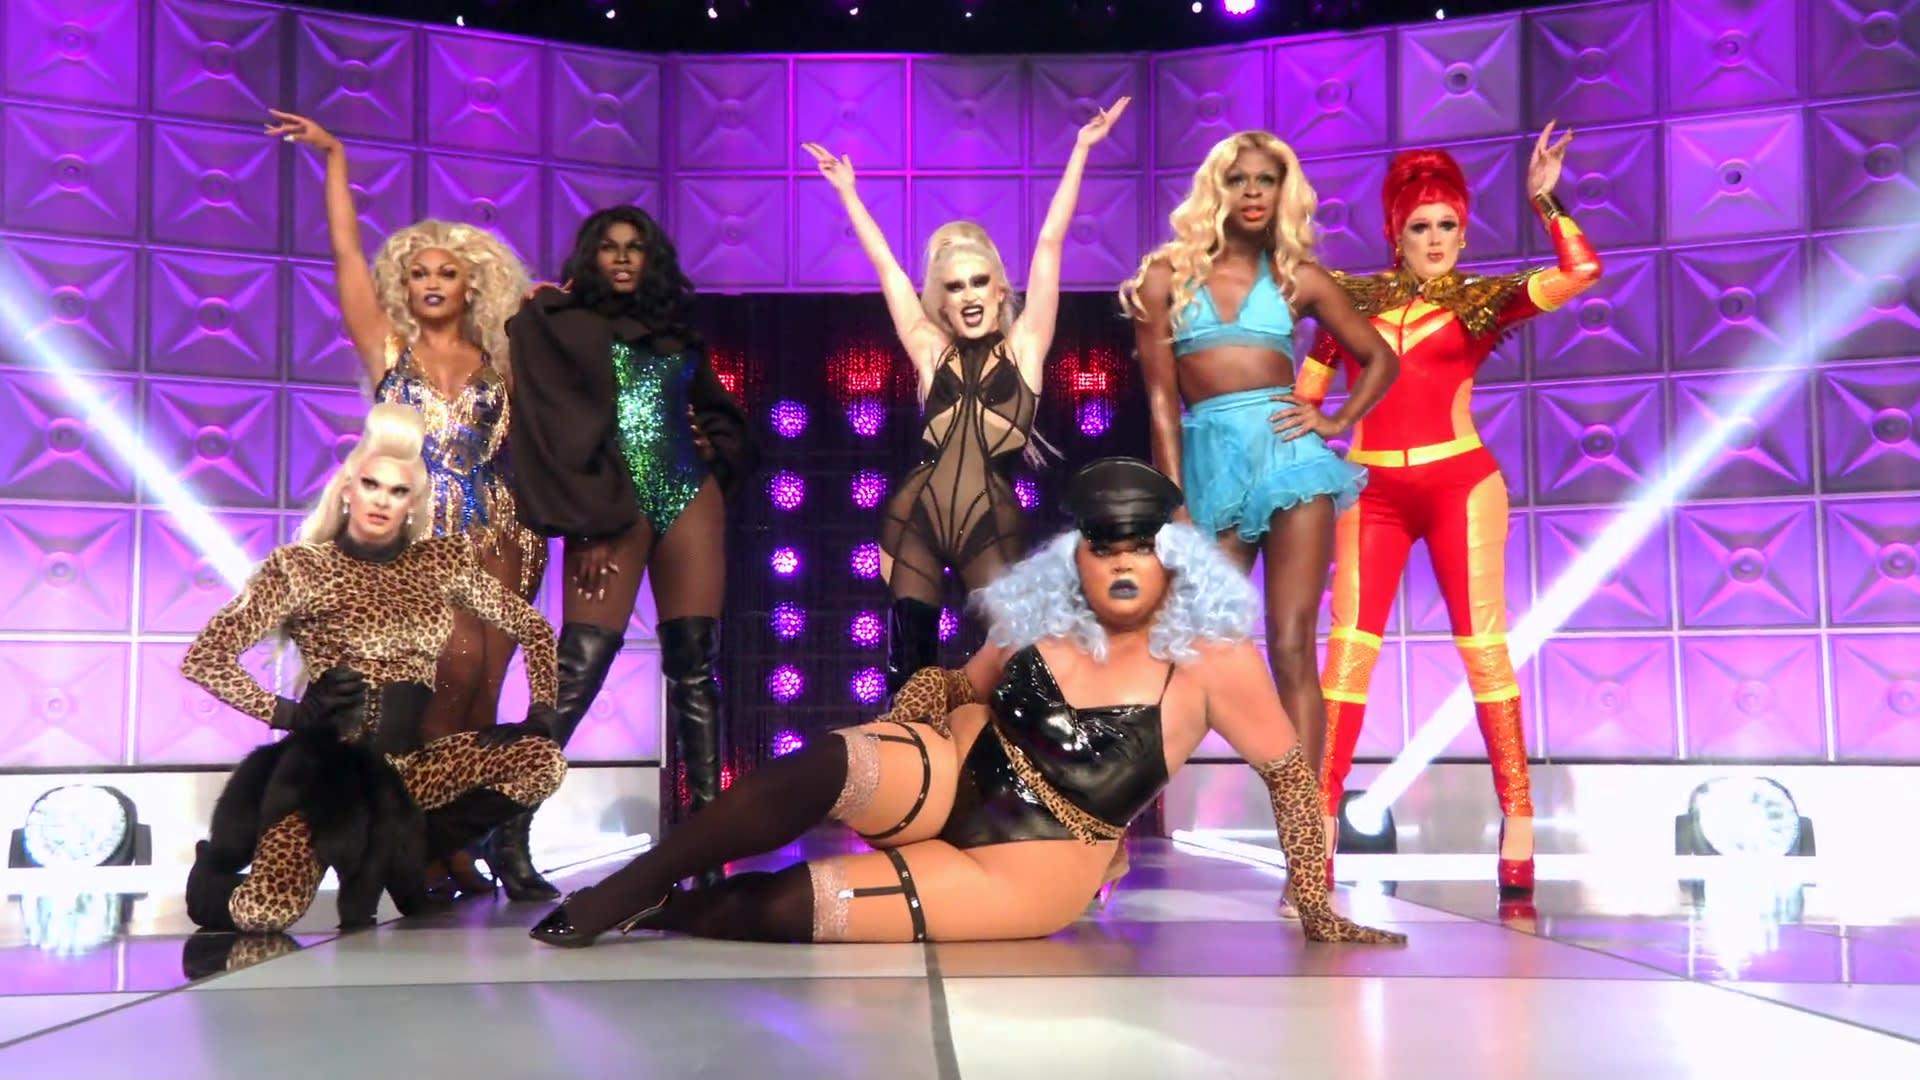 Parte do elenco da mais recente temporada de RuPaul's Drag Race